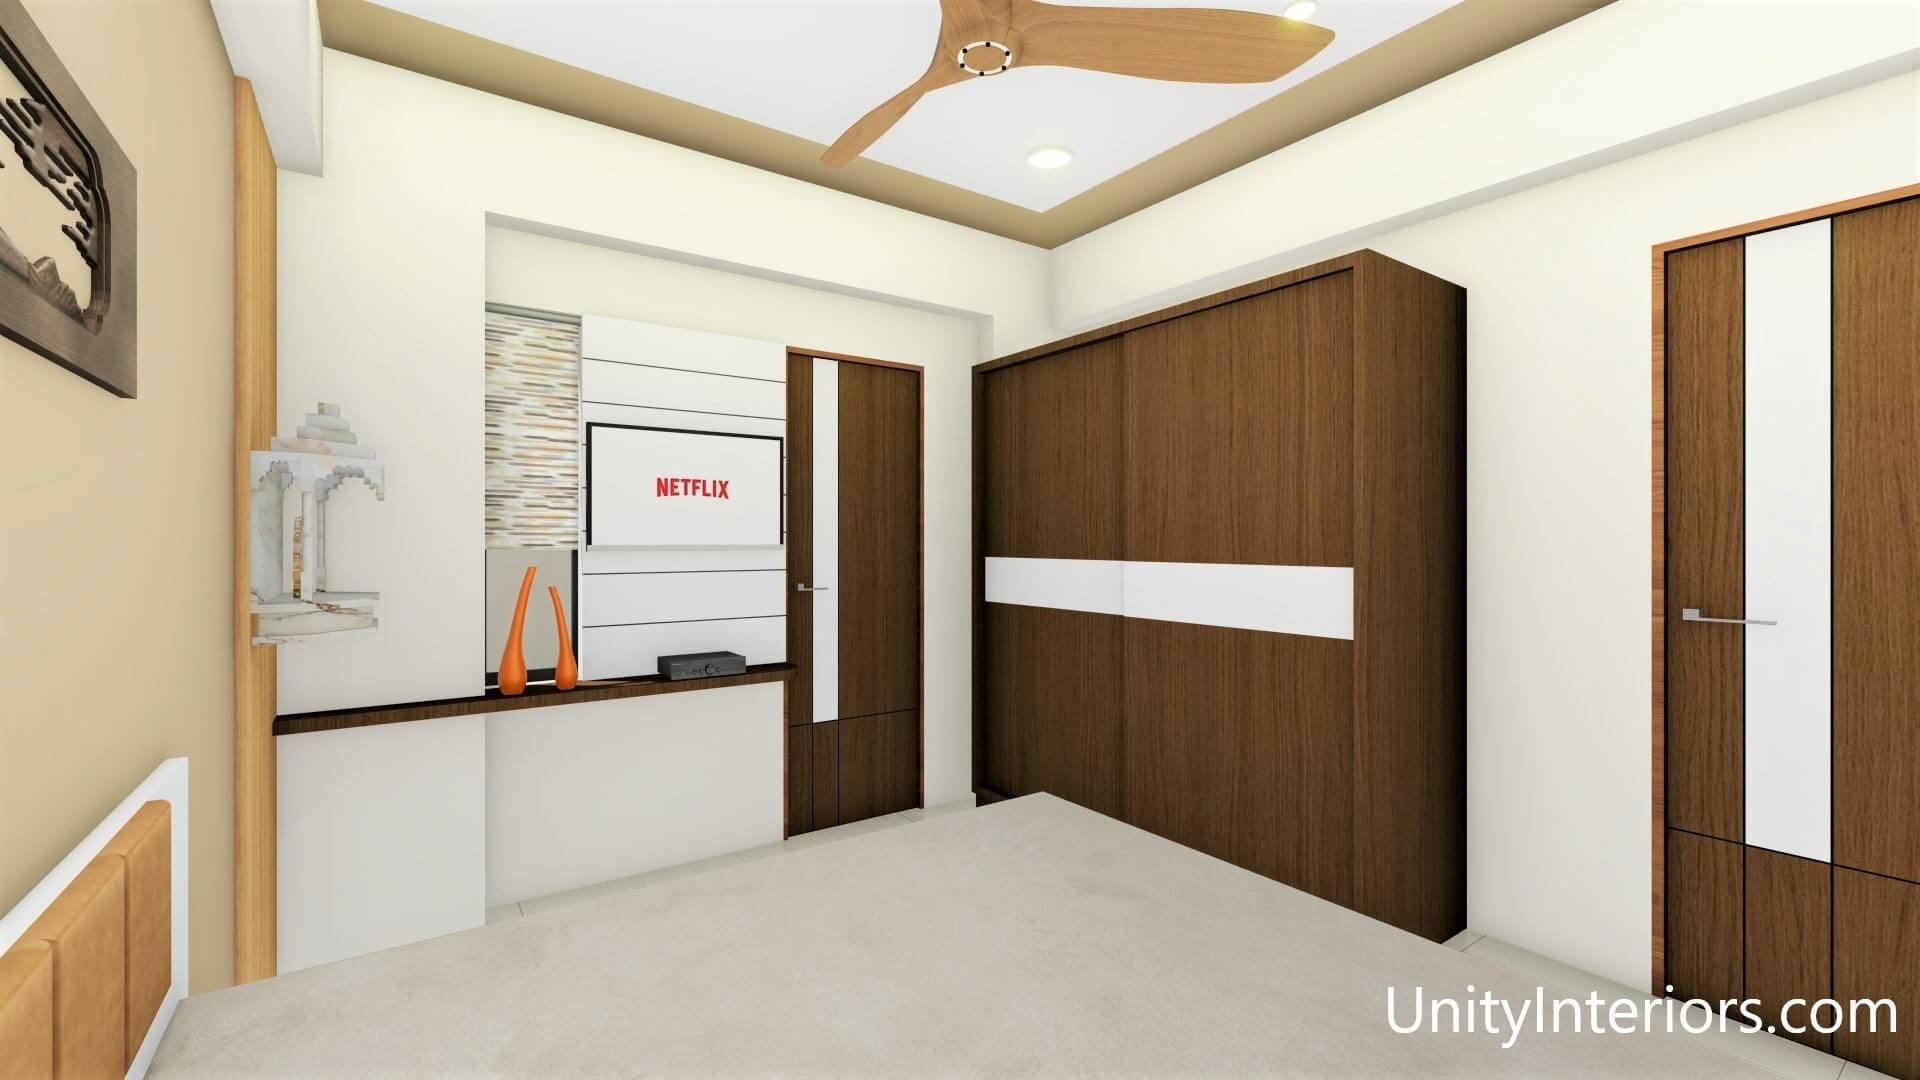 Interior Designer in Ahmedabad, Bedroom Design Ideas, Unity Interiors, Interior designing in budget